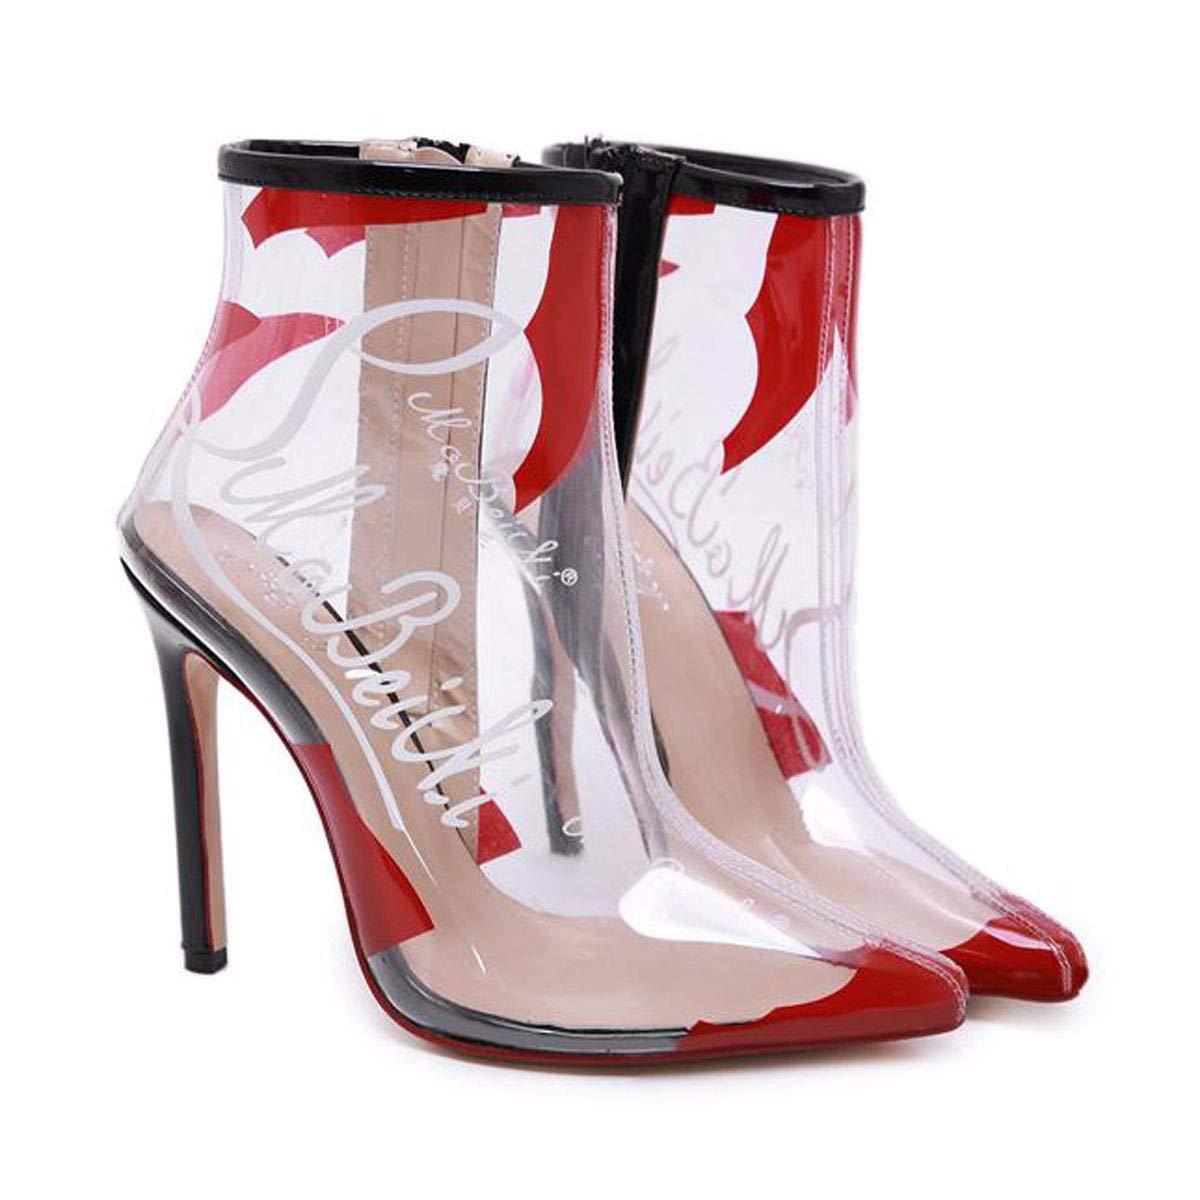 HBDLH Damenschuhe Sexy Persönlichkeit Mit Hoher 12Cm Transparenten Kunststoff Öl - Färbung High - Heel Dünn Und Hat Kurze Stiefel.